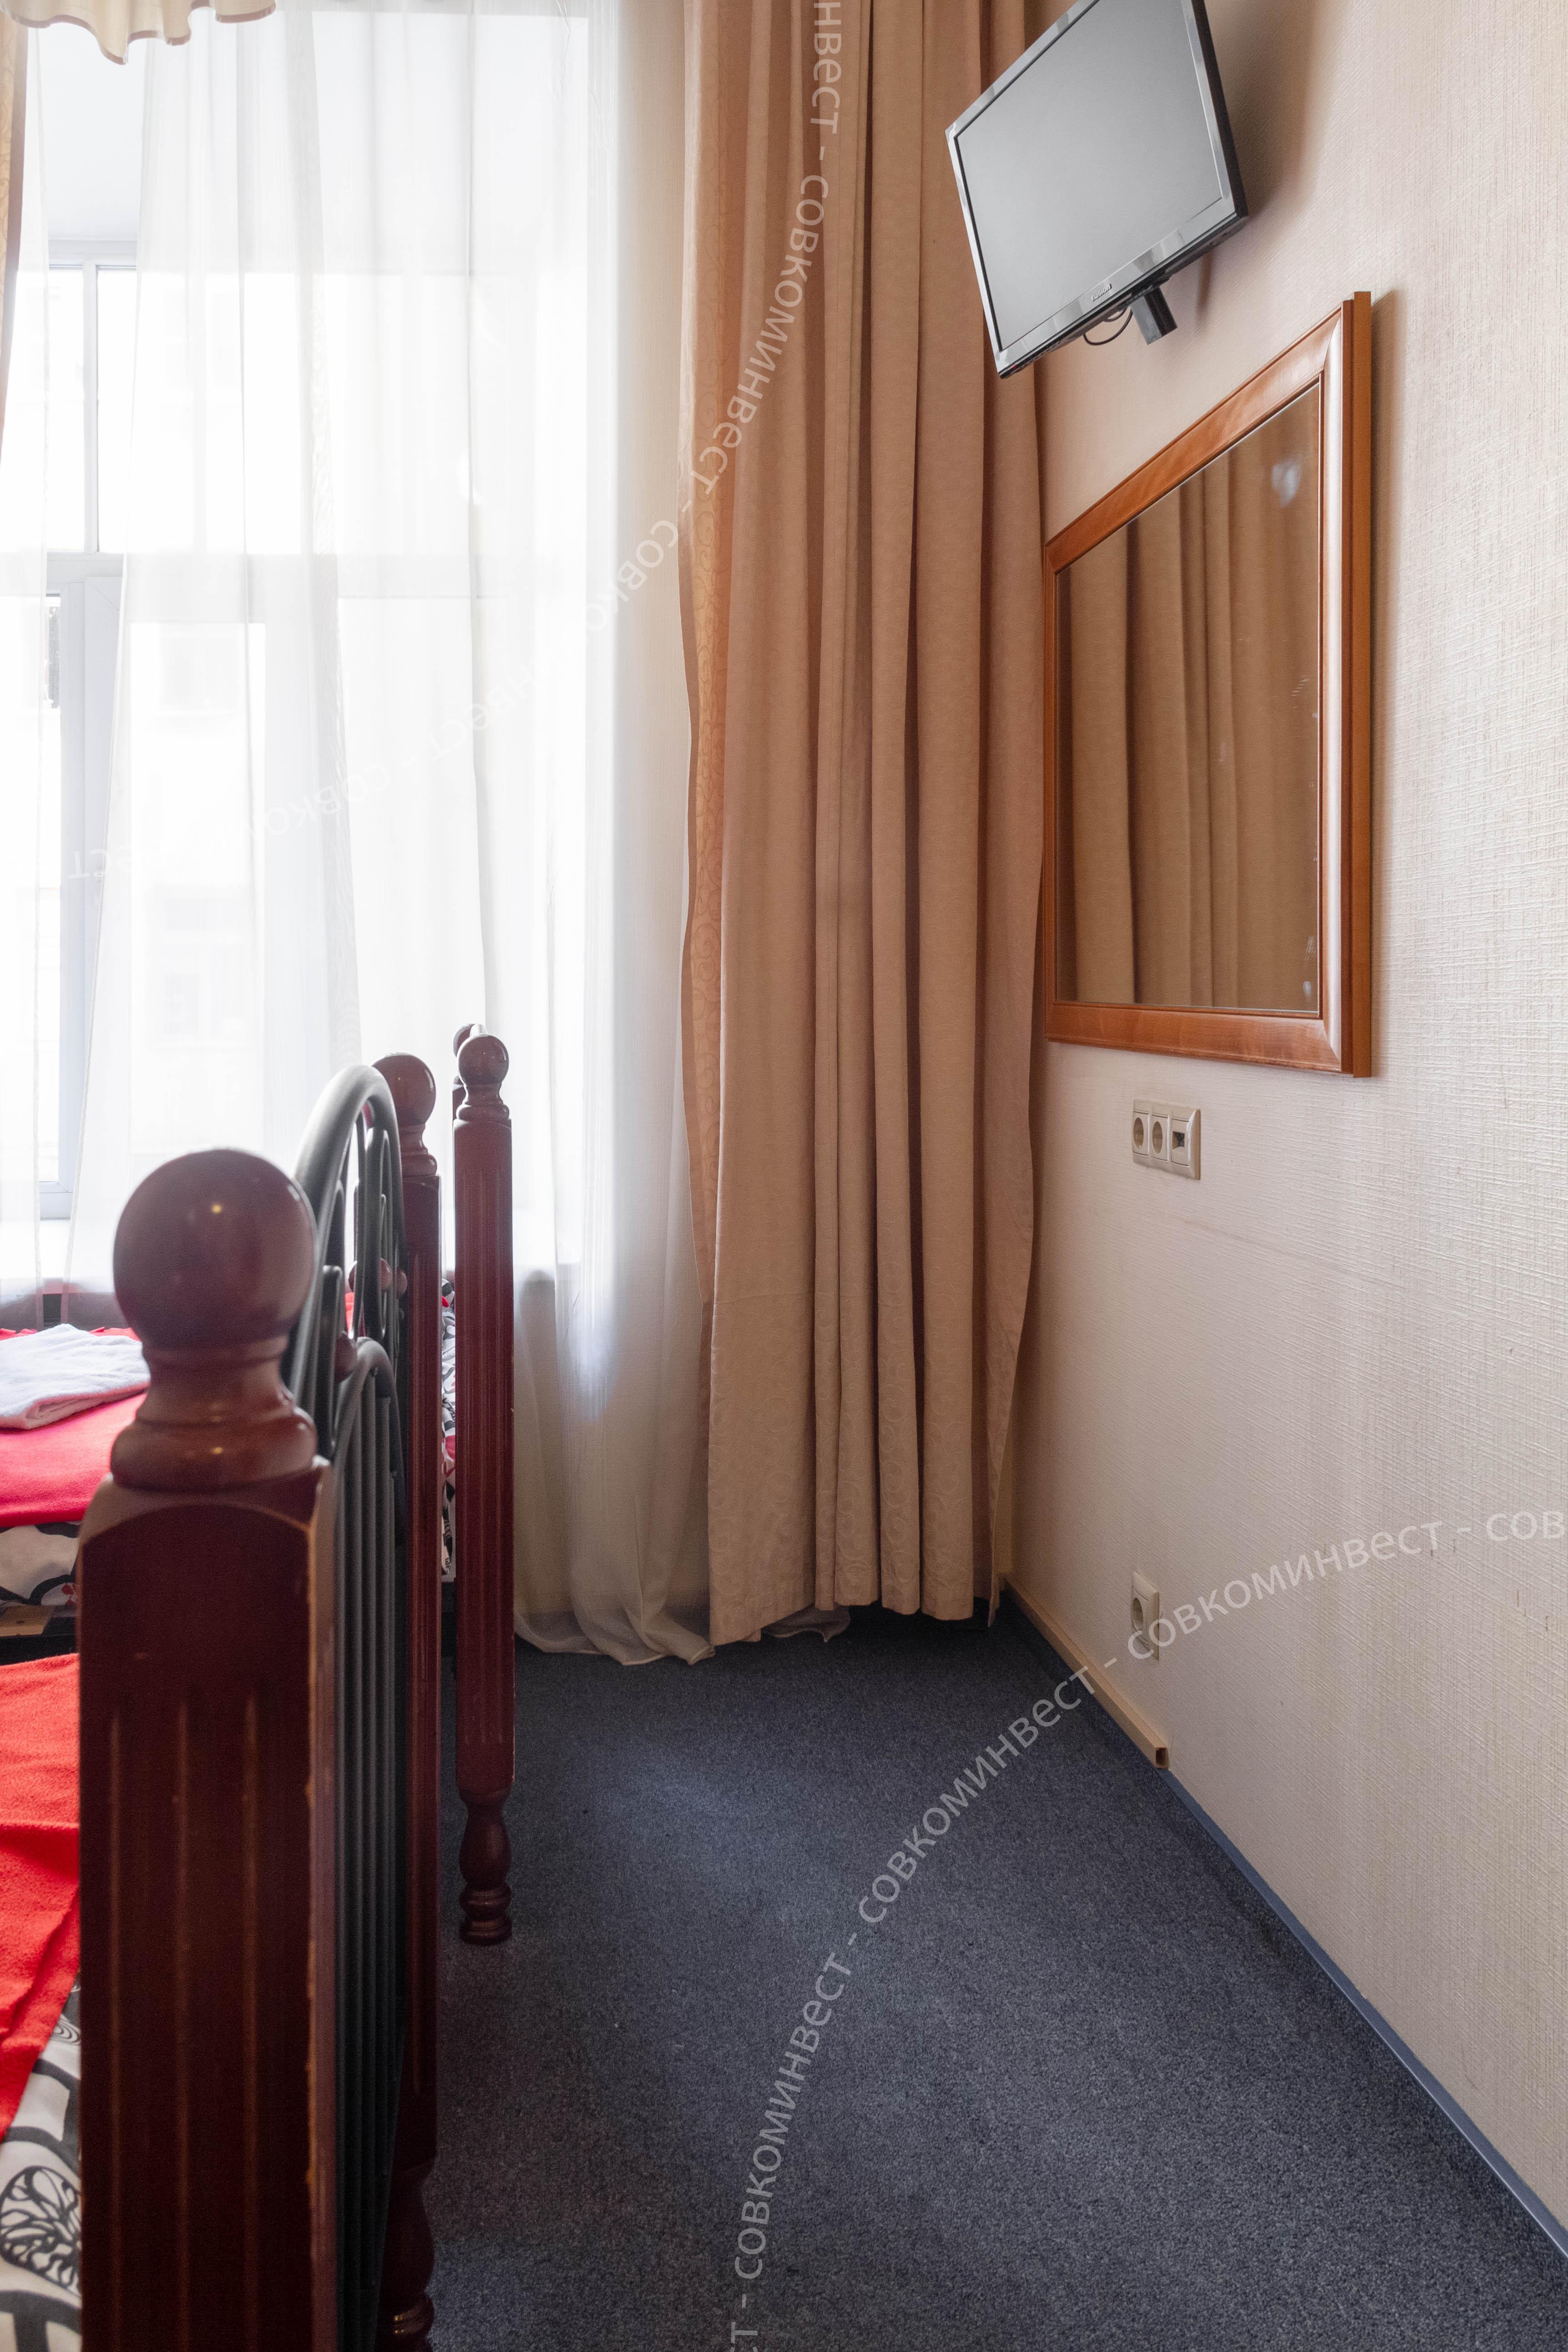 Отель в собственность с доверительным управлением